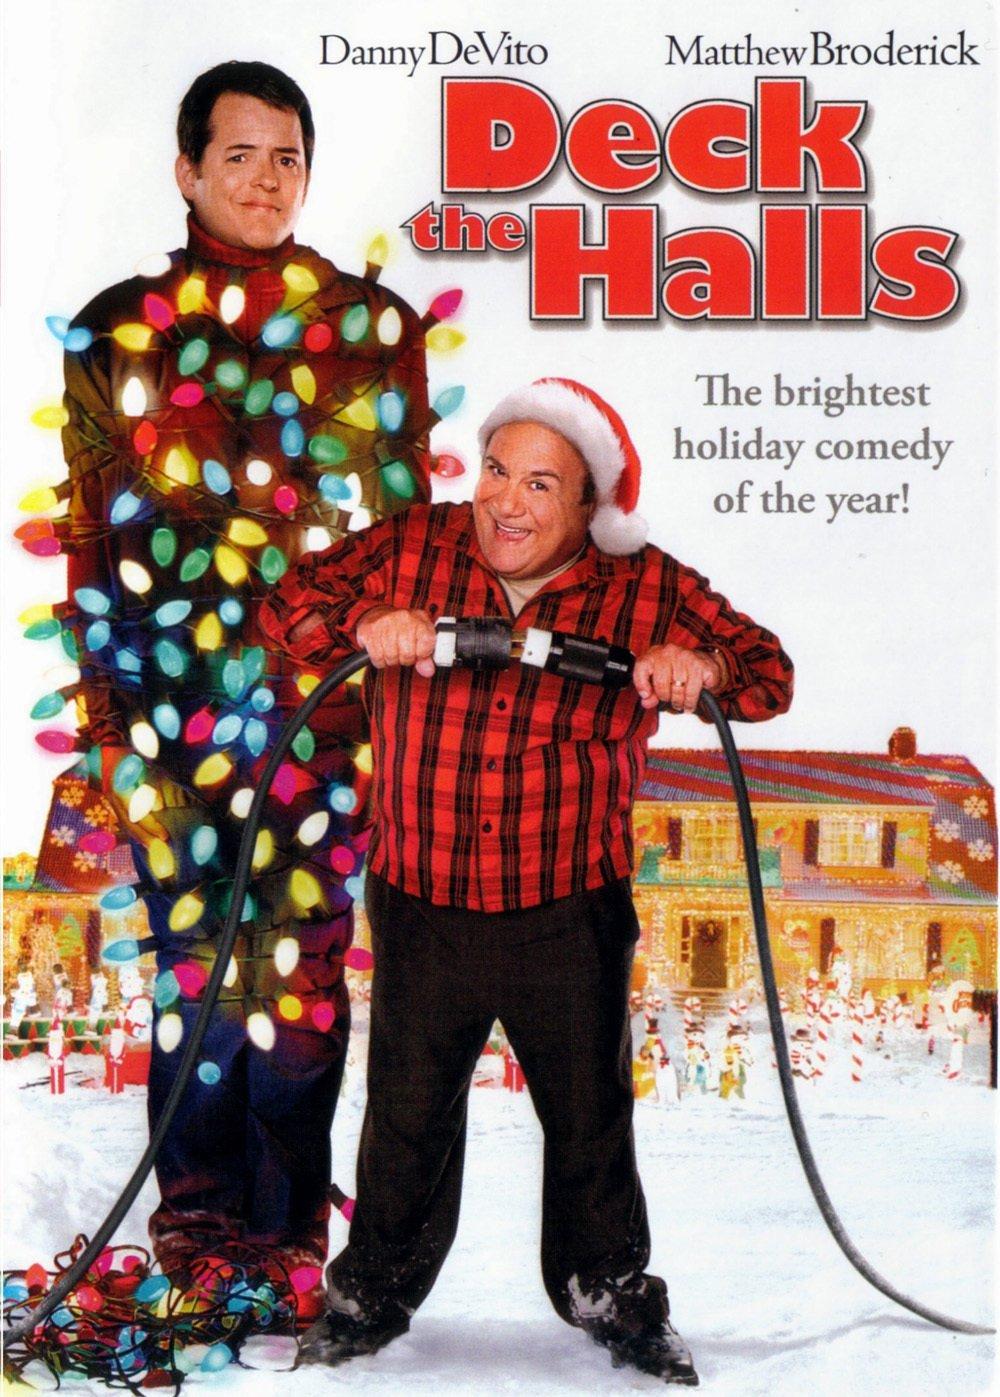 دانلود فیلم Deck The Halls 2006 با زیرنویس فارسی